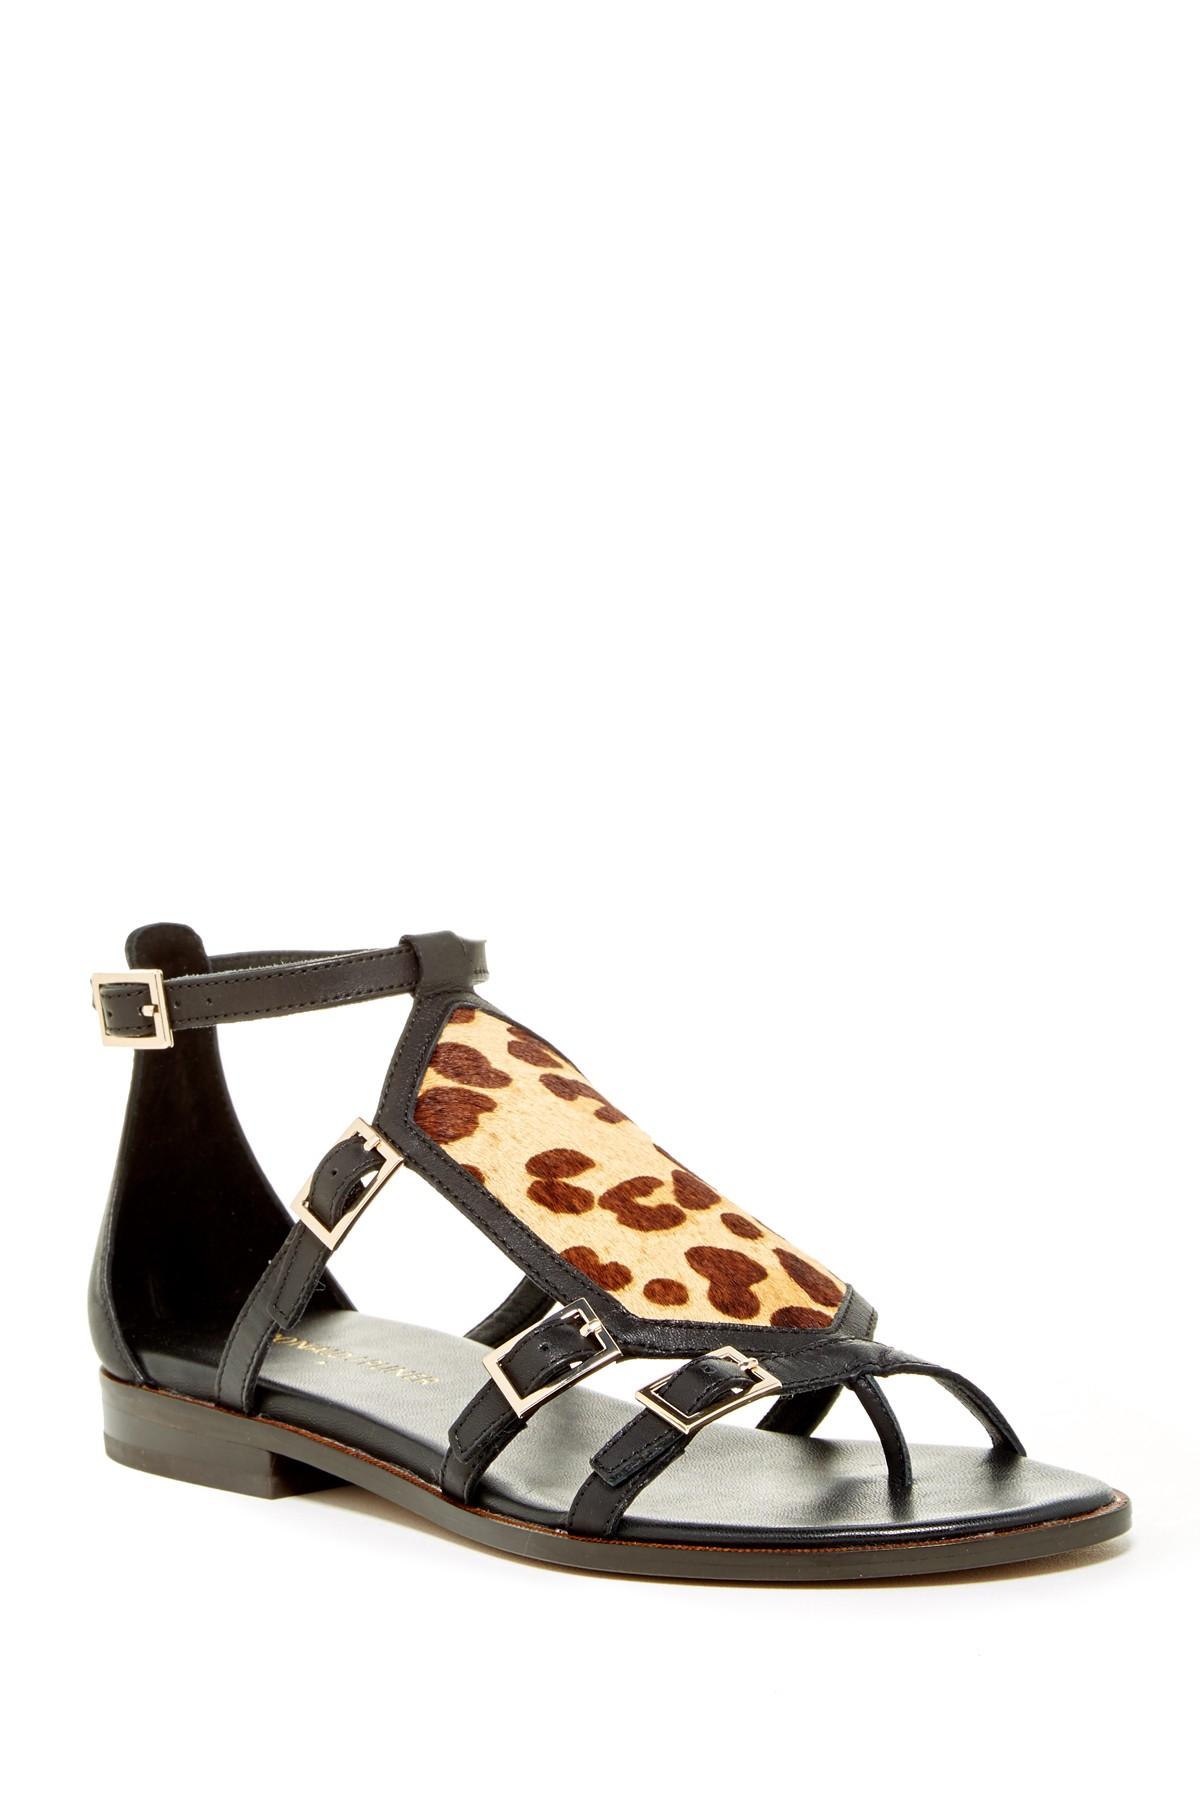 Triple buckle sandal flats shoejob 8